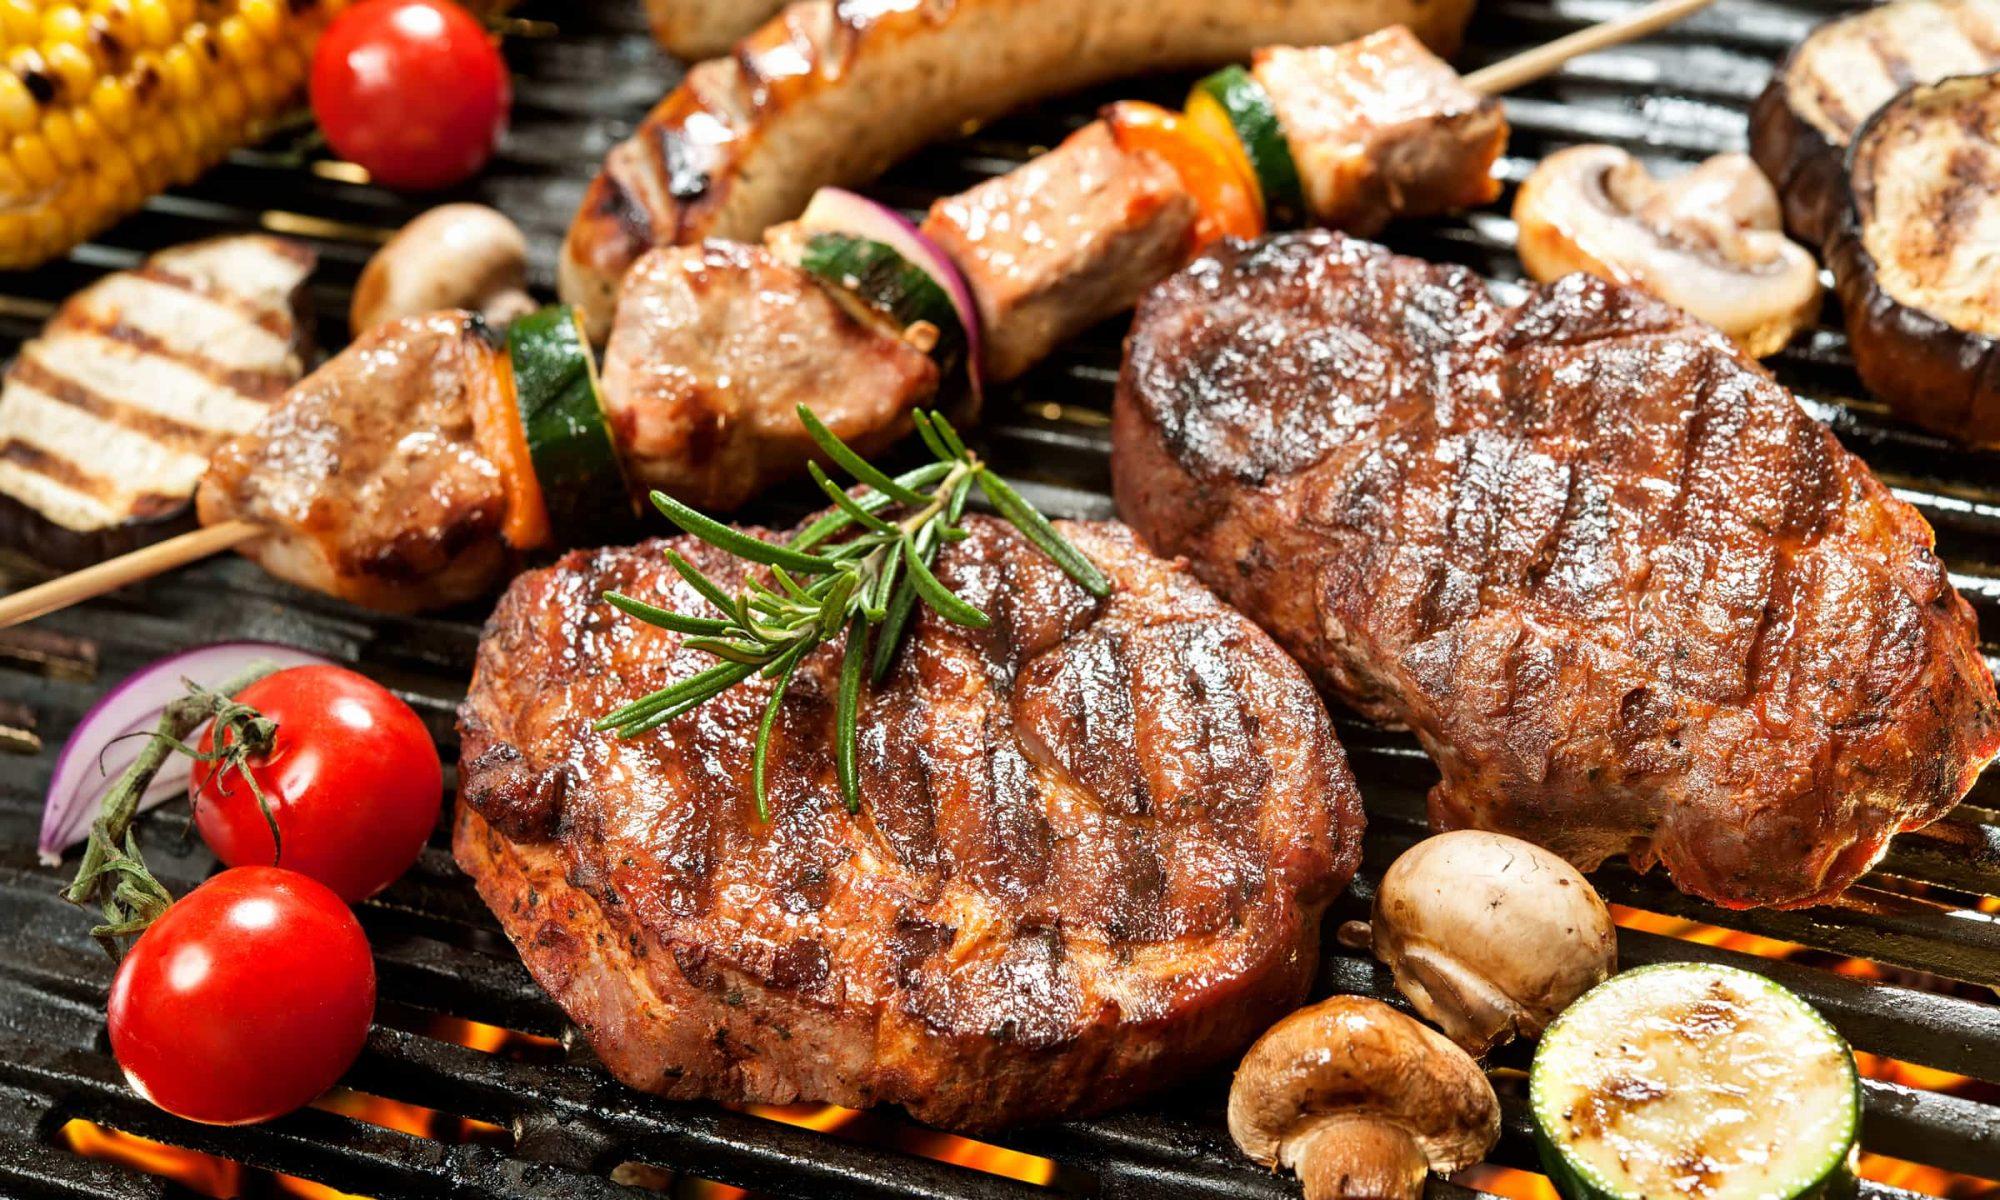 Carne grigliata, sviluppo del tumore, correlazione tra carne grigliata e cancro